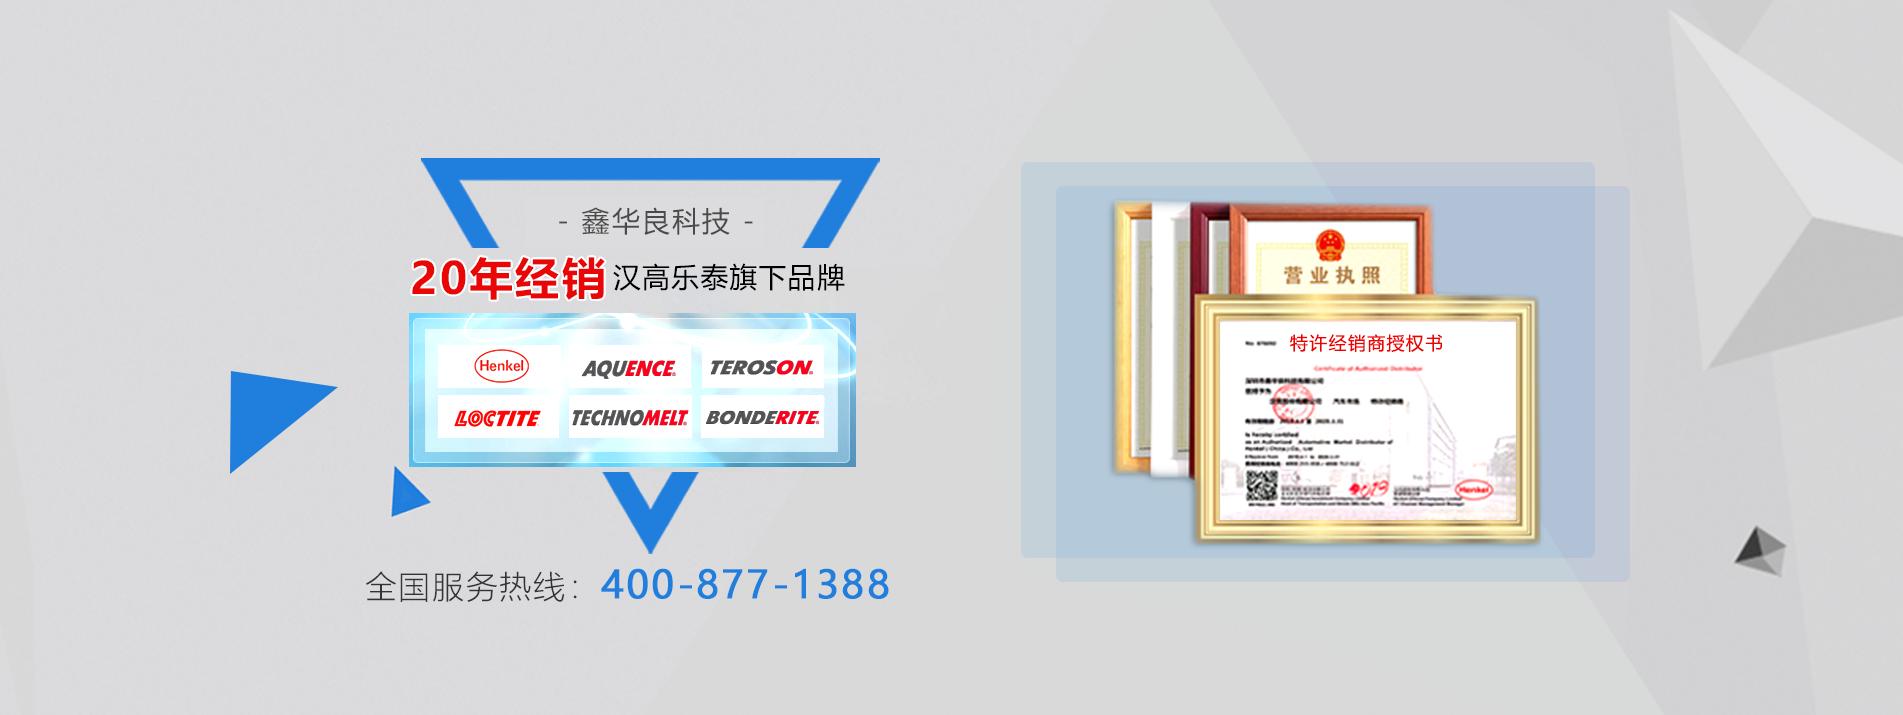 鑫華良科技20年經銷漢高樂泰旗下品牌